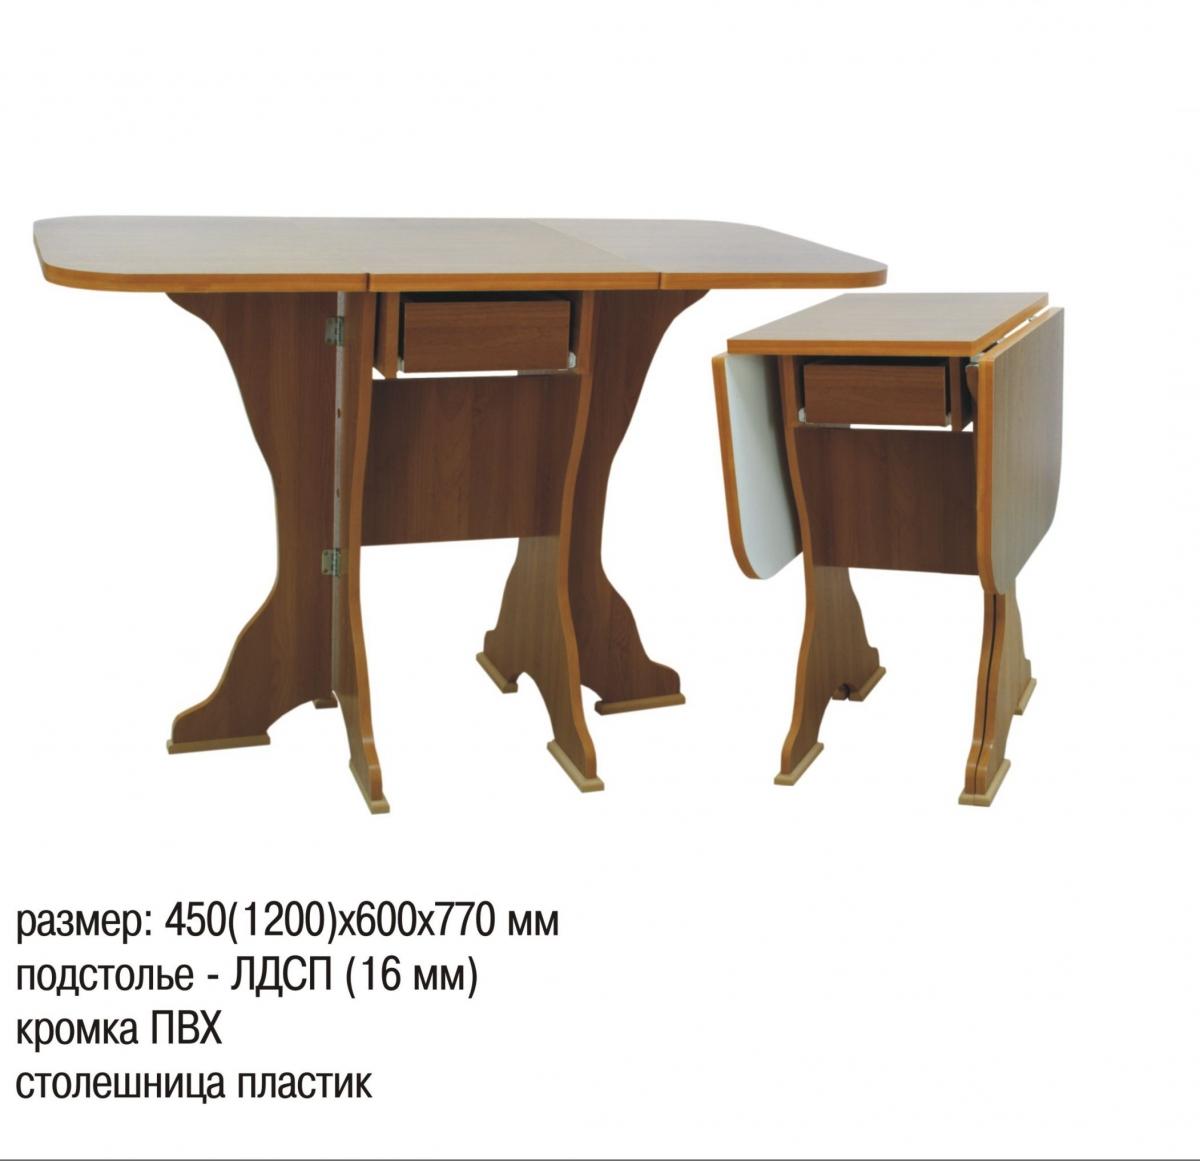 Сборка кухонных столов своими руками